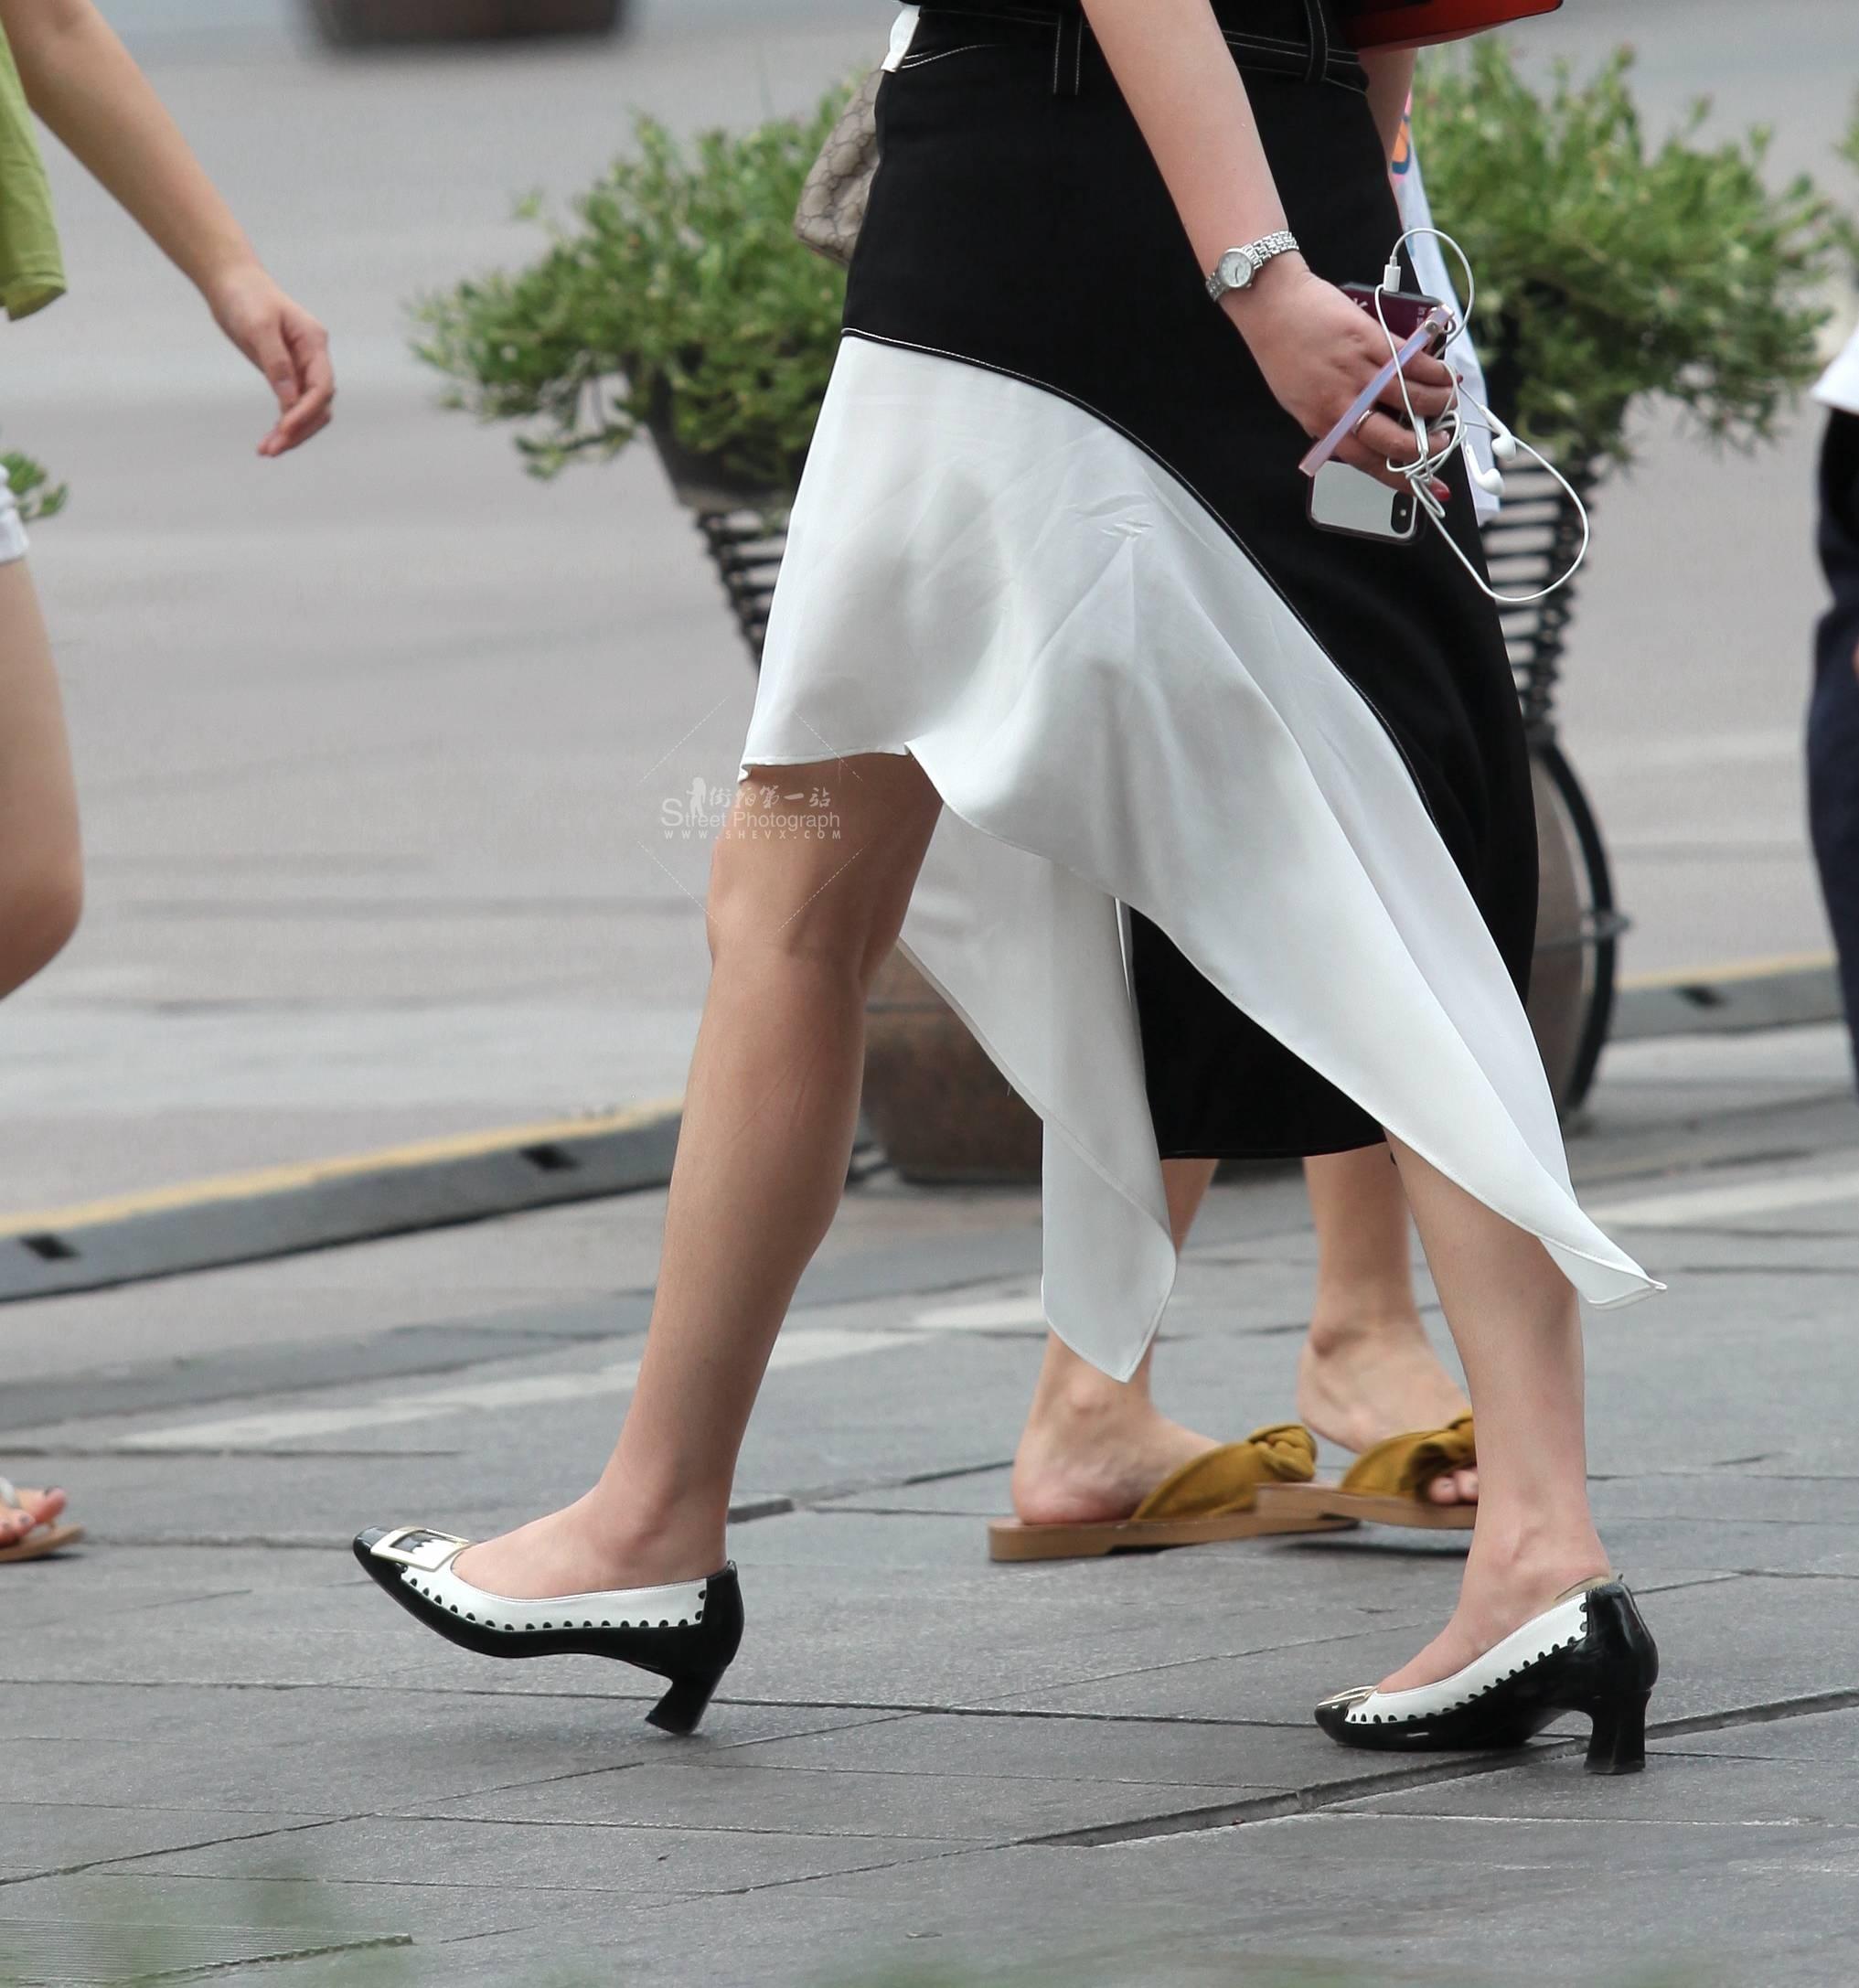 街拍高跟 【珏一笑而过】气质 高跟Shao Fu 最新街拍丝袜图片 街拍丝袜第一站